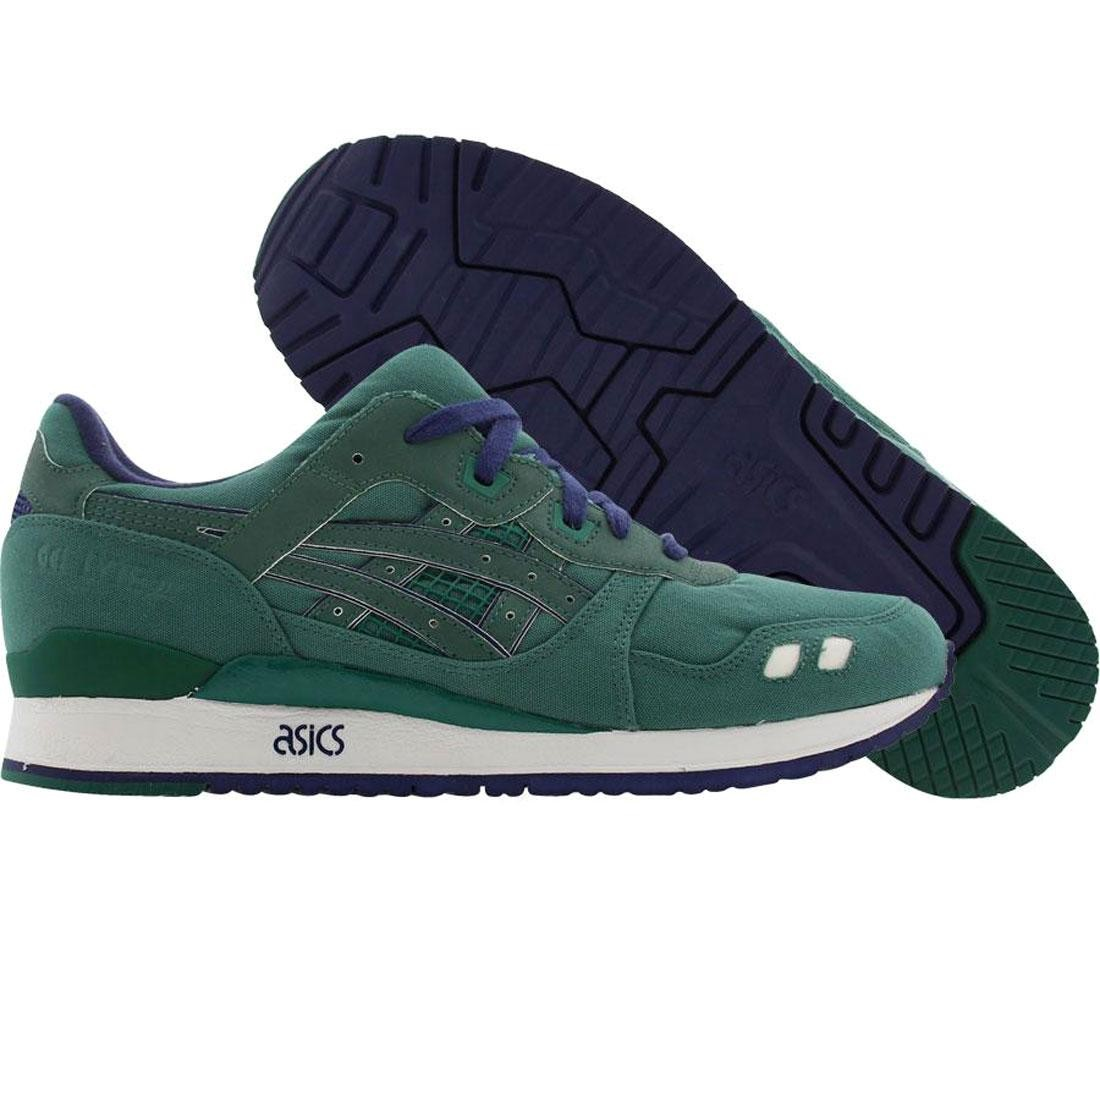 【海外限定】アシックス プレミアム 緑 グリーン 靴 スニーカー 【 ASICS PREMIUM GREEN BAIT X TIGER GELLYTE III 3M RINGS PACK RING OLIVE NAVY 】